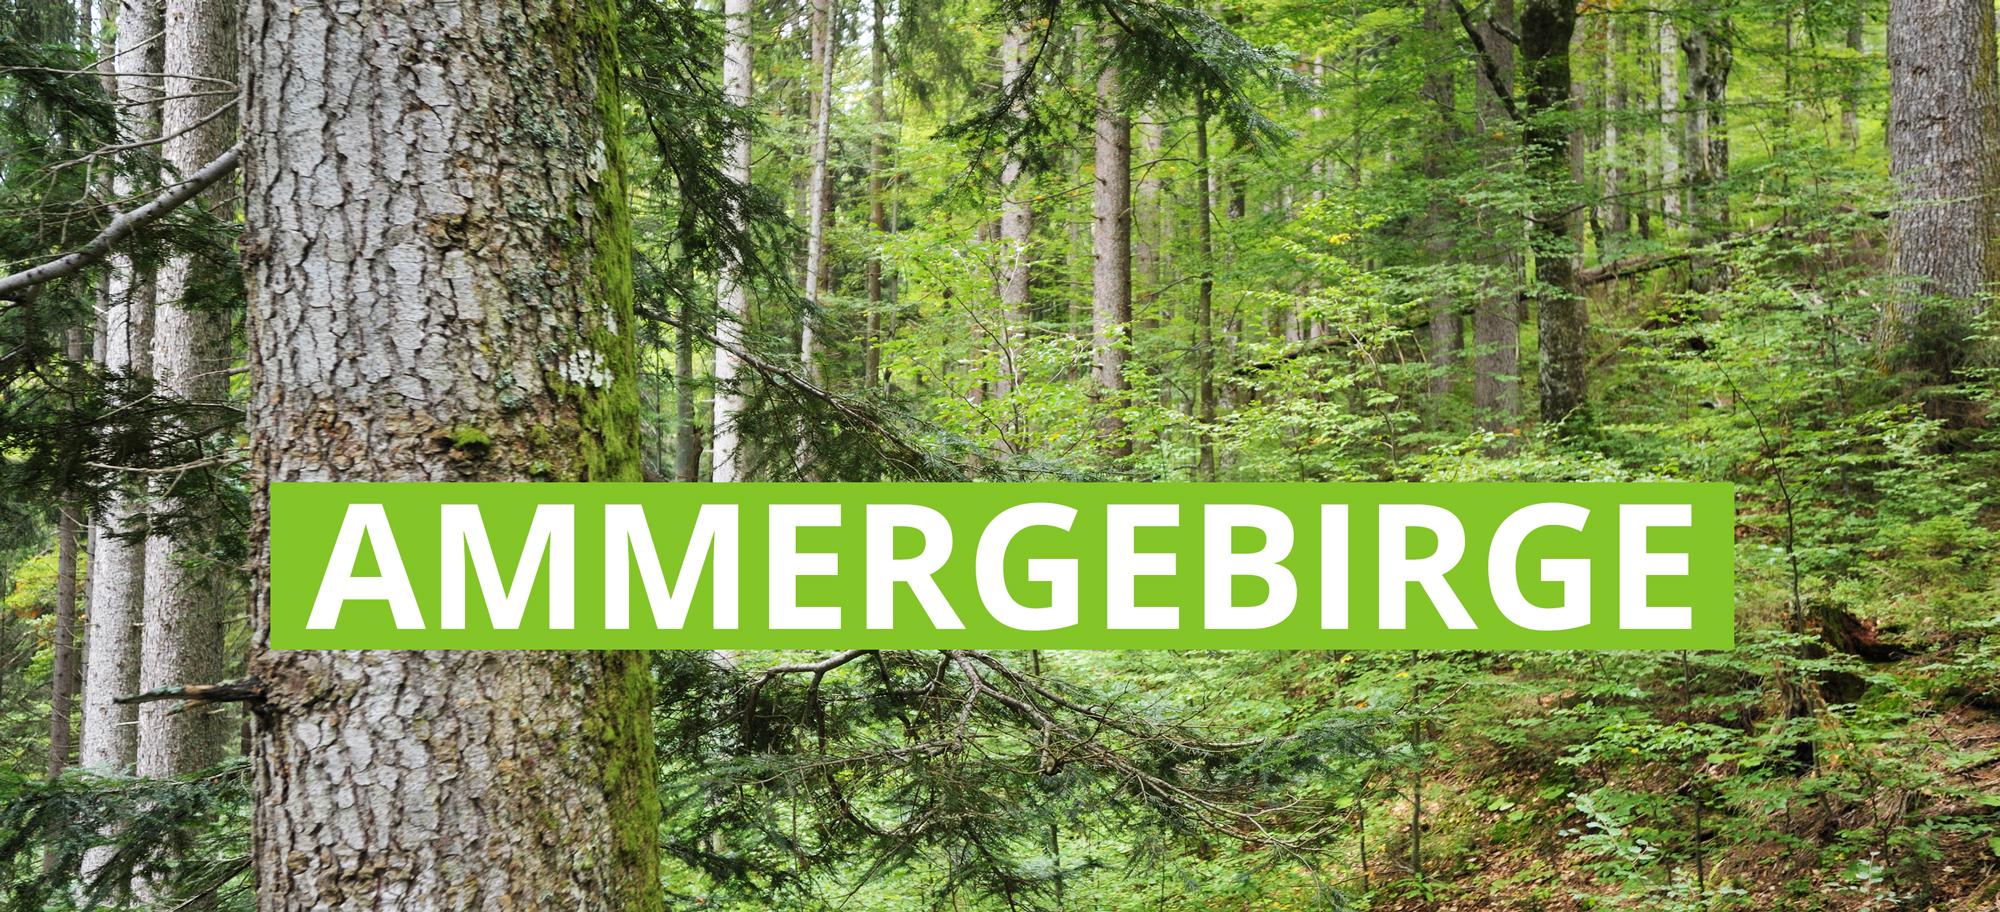 Ammergebirge